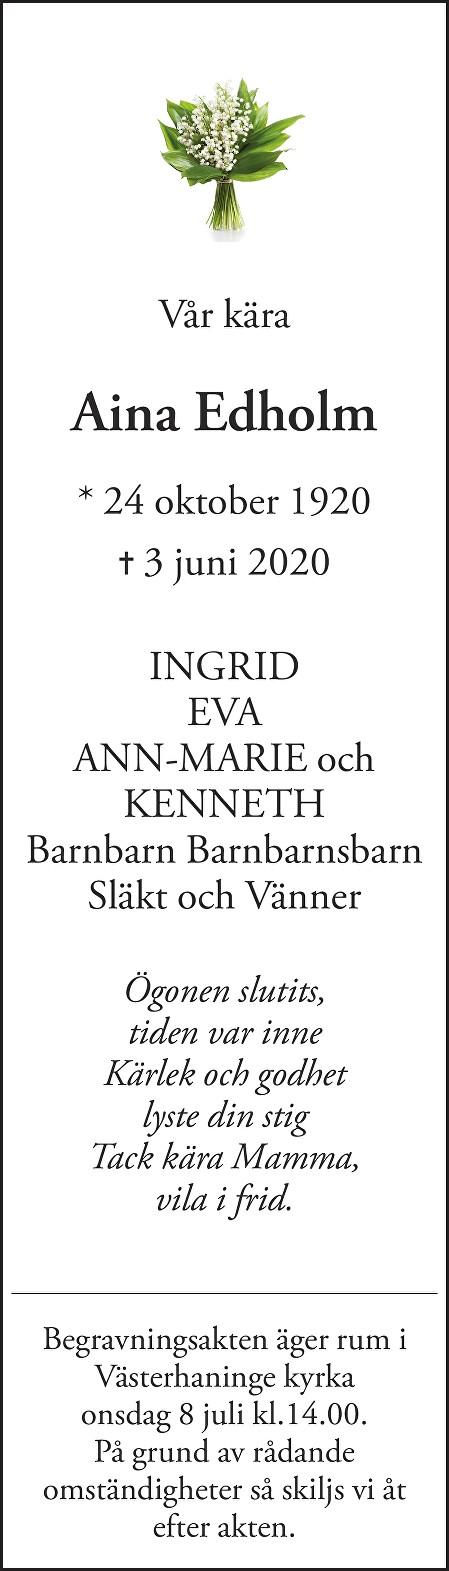 Aina Edholm Death notice